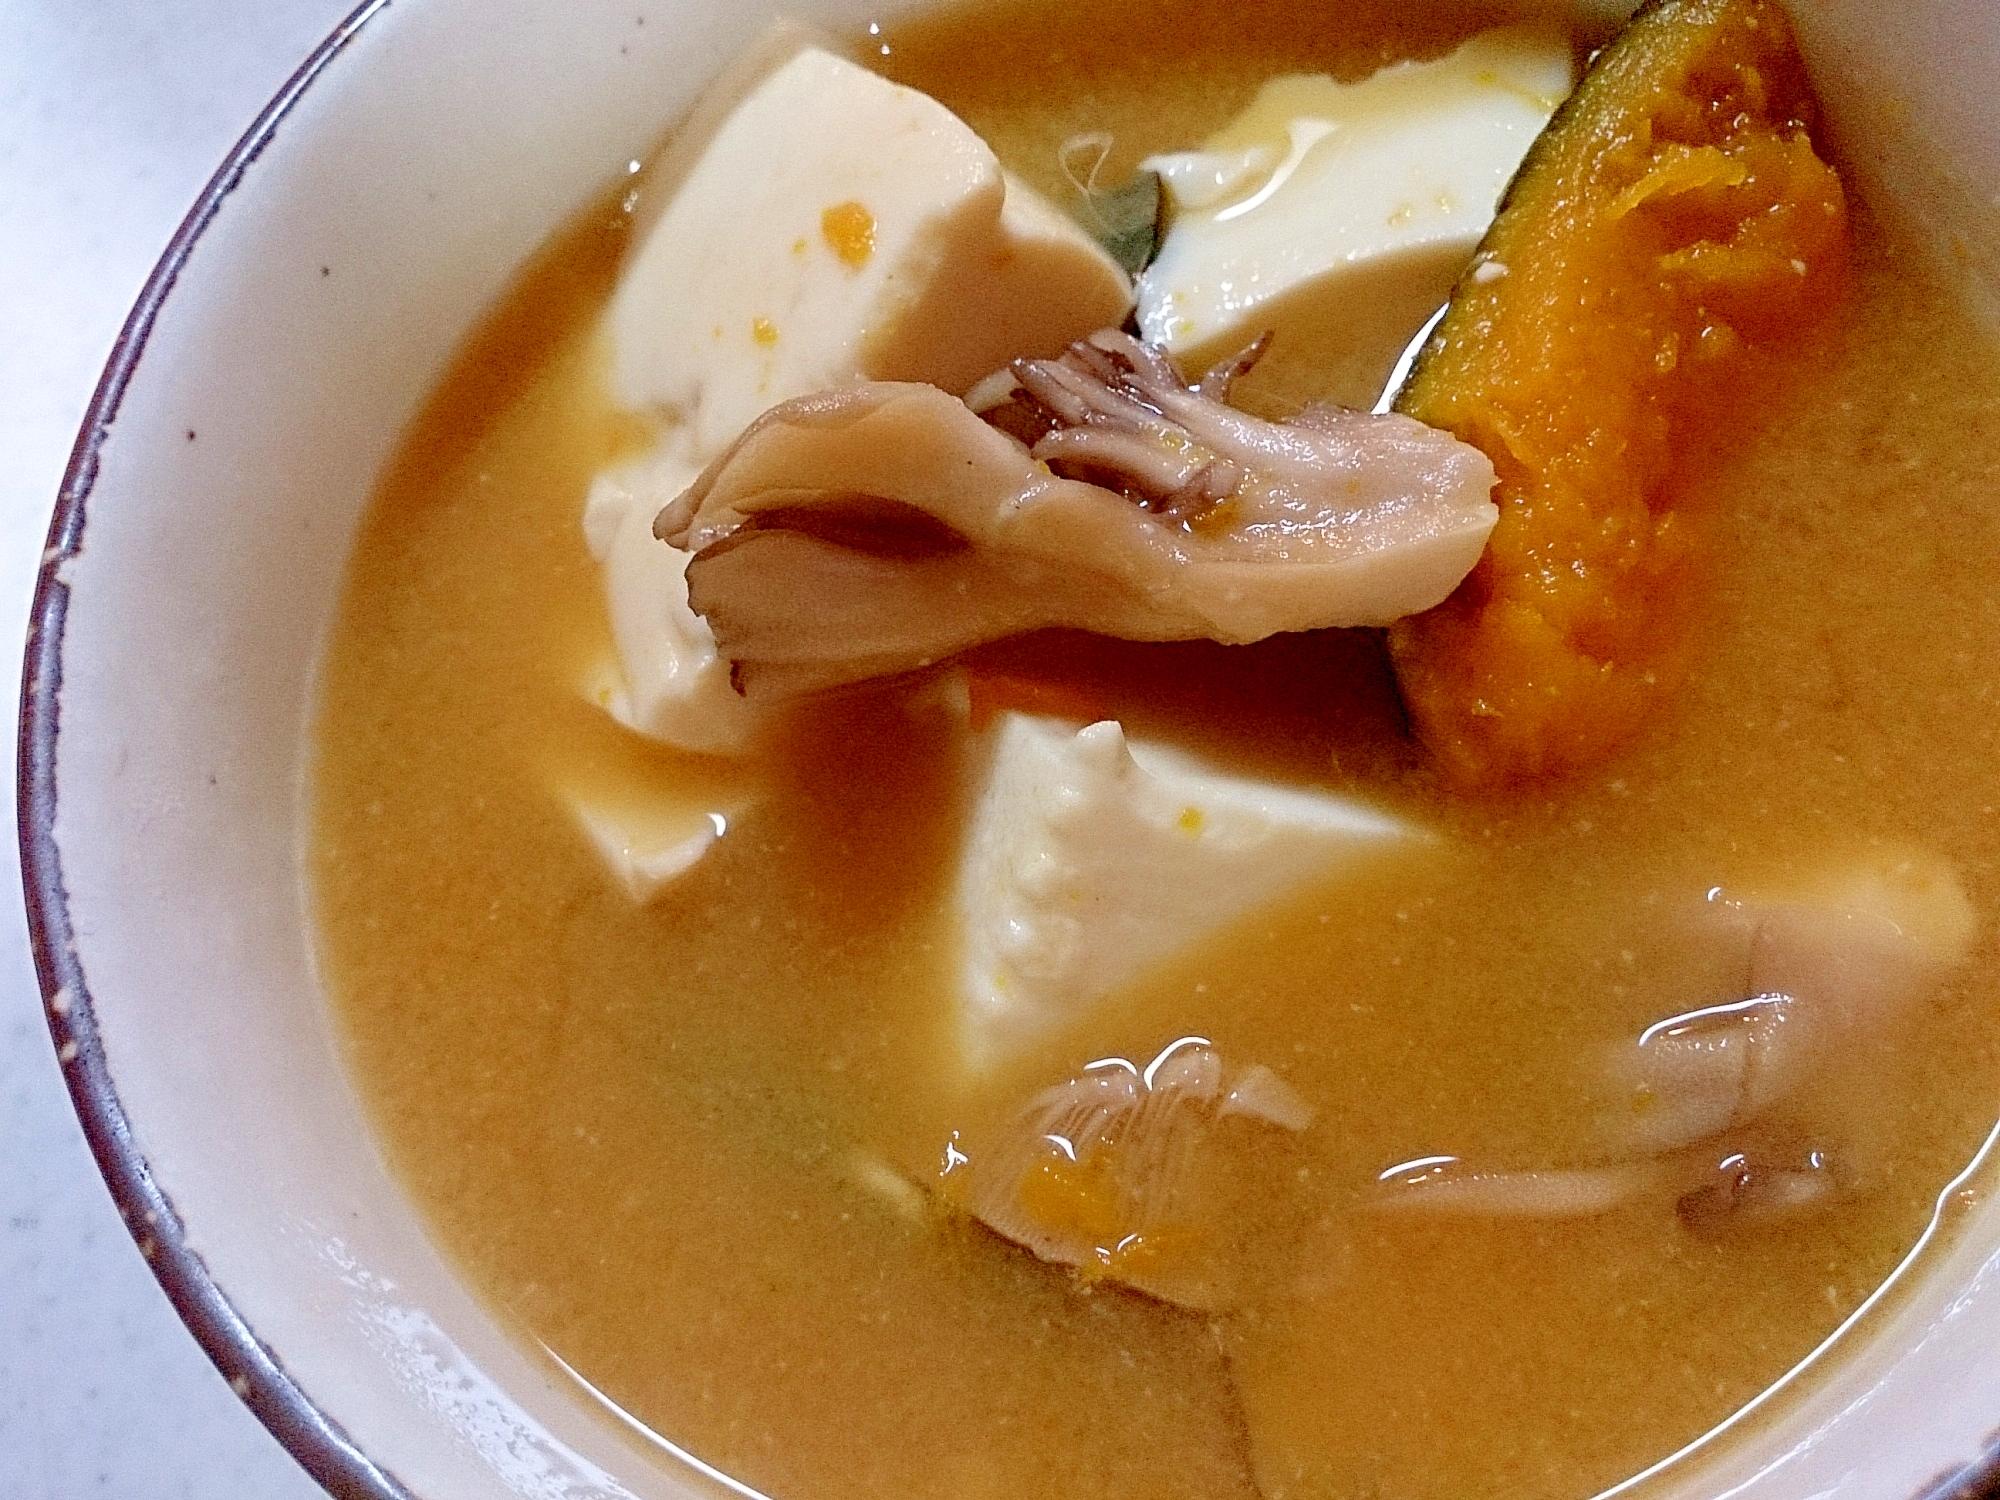 かぼちゃと舞茸と絹ごし豆腐の味噌汁(圧力鍋)